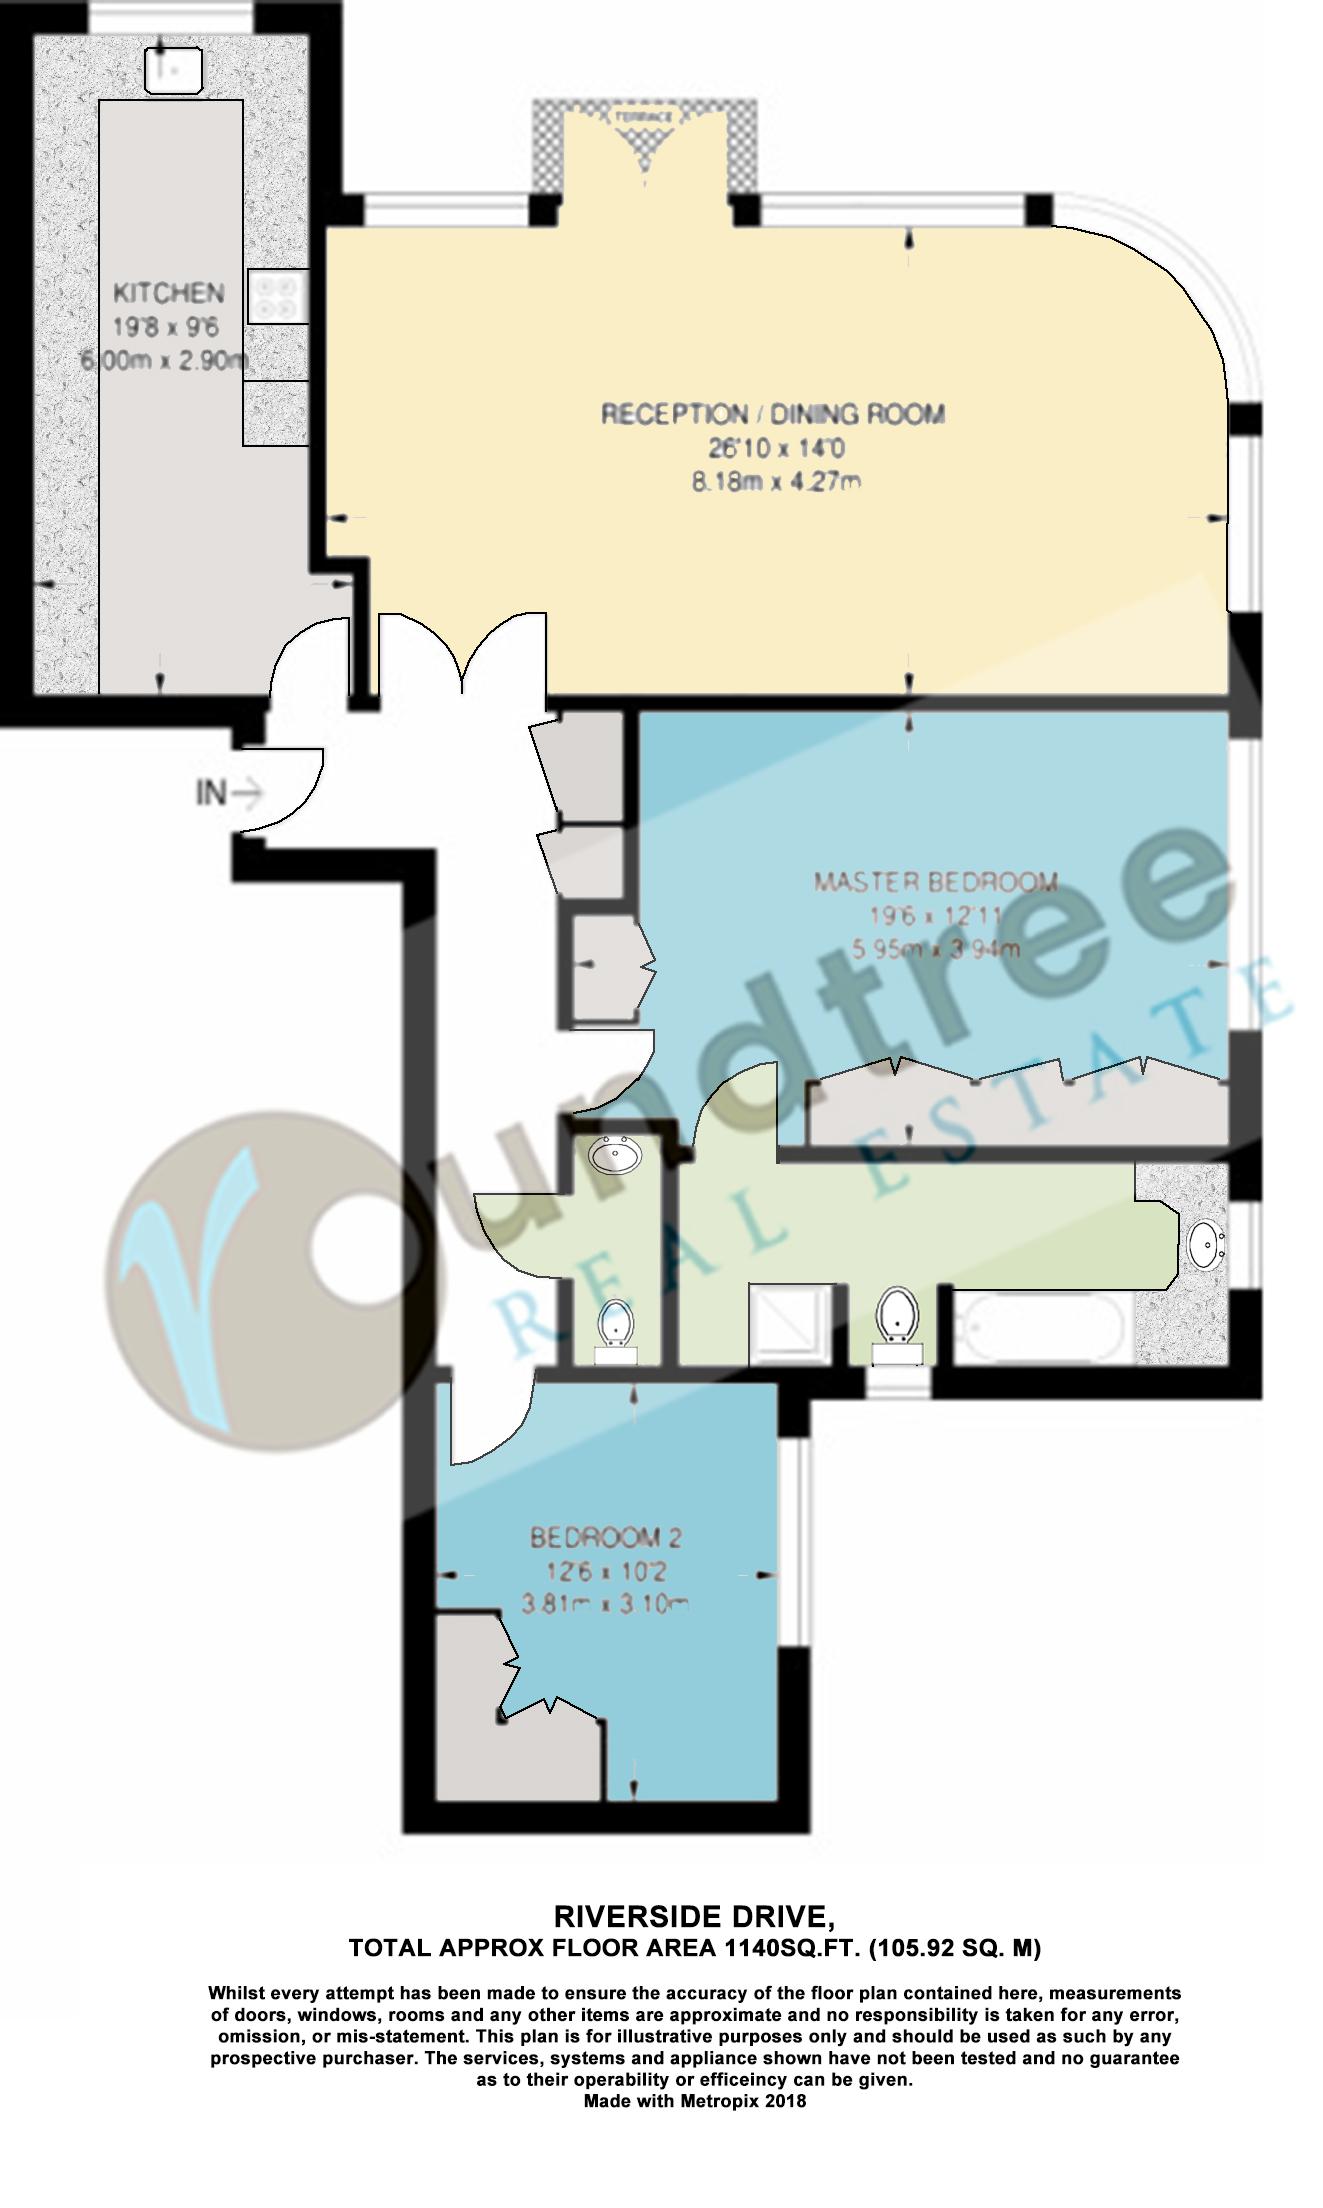 Riverside Drive, Golders Green Road, Golders Green NW11, 2 bedroom ...